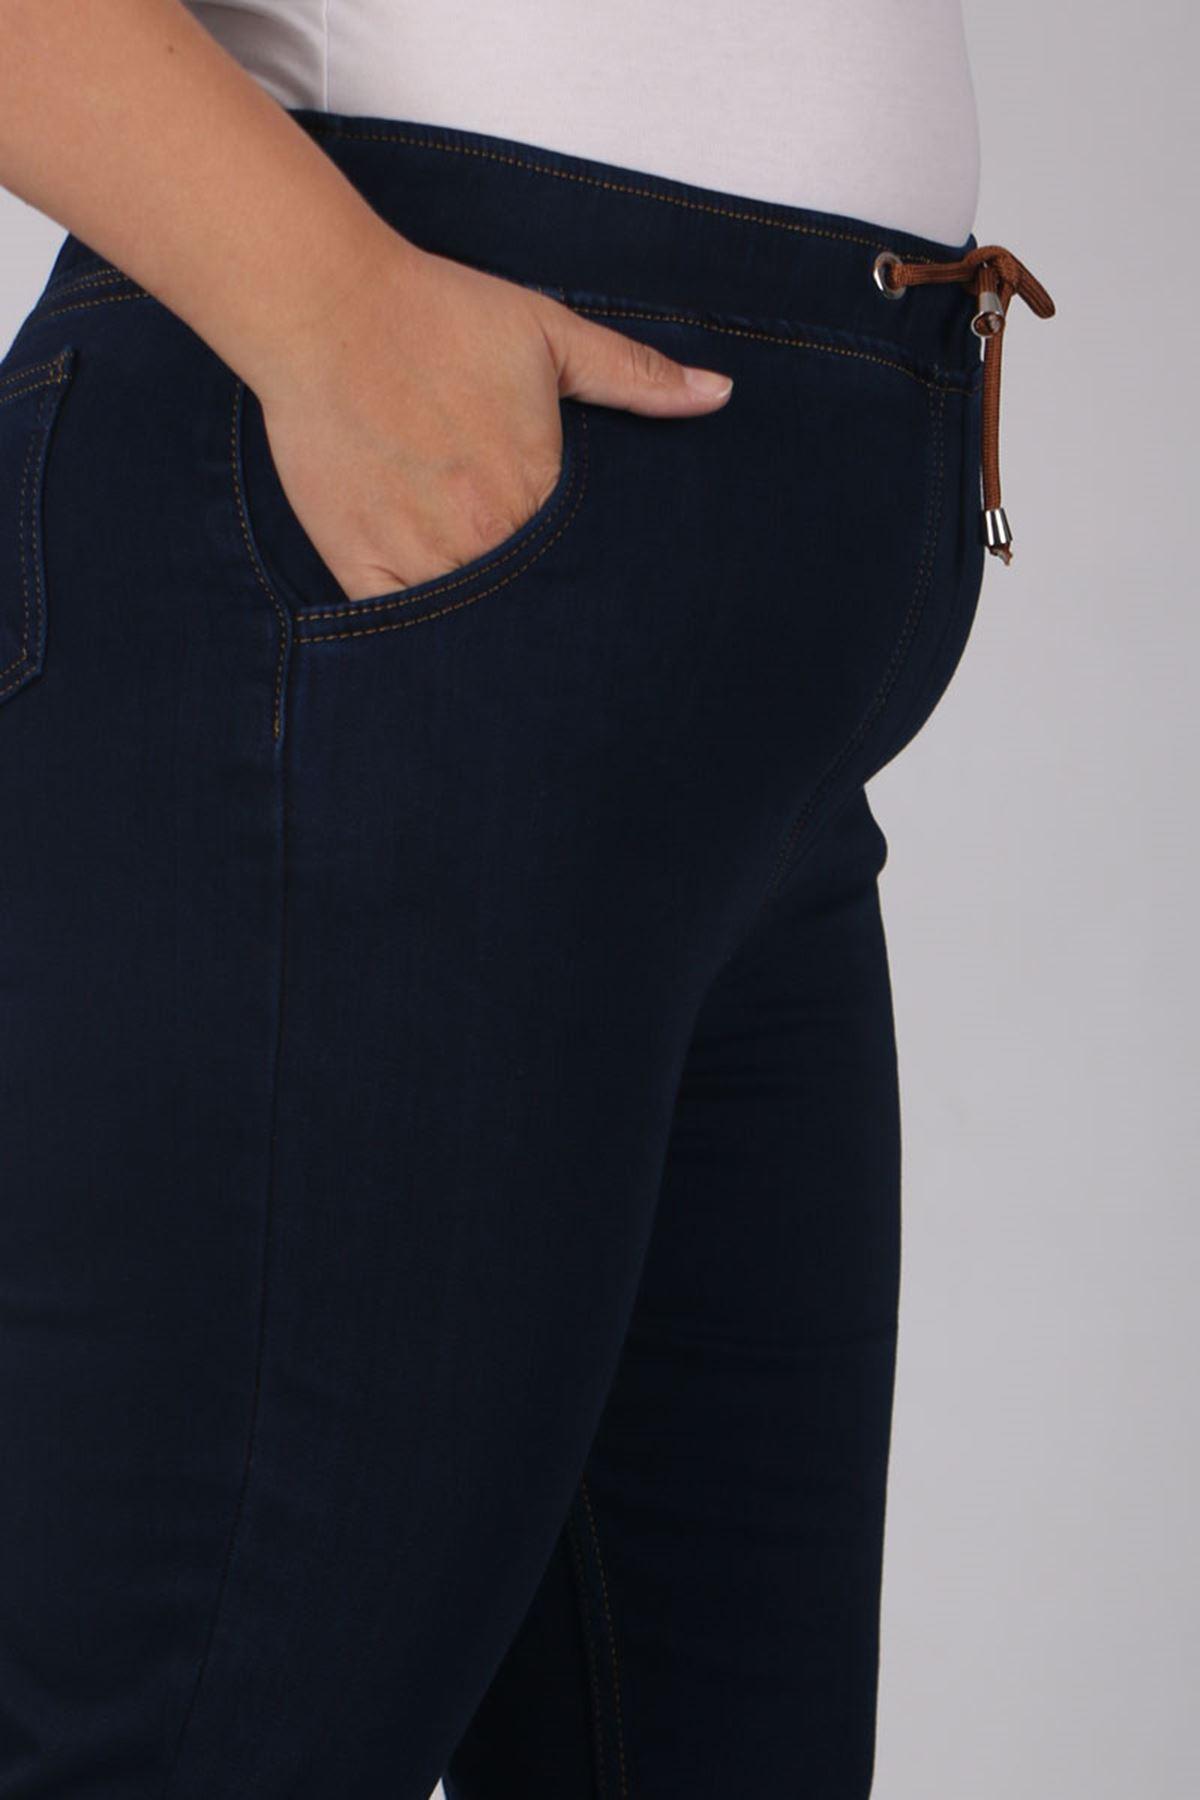 9136 بنطلون جينز مرن الخصر و مقاس كبير- كحلي داكن- أزرق ملكي